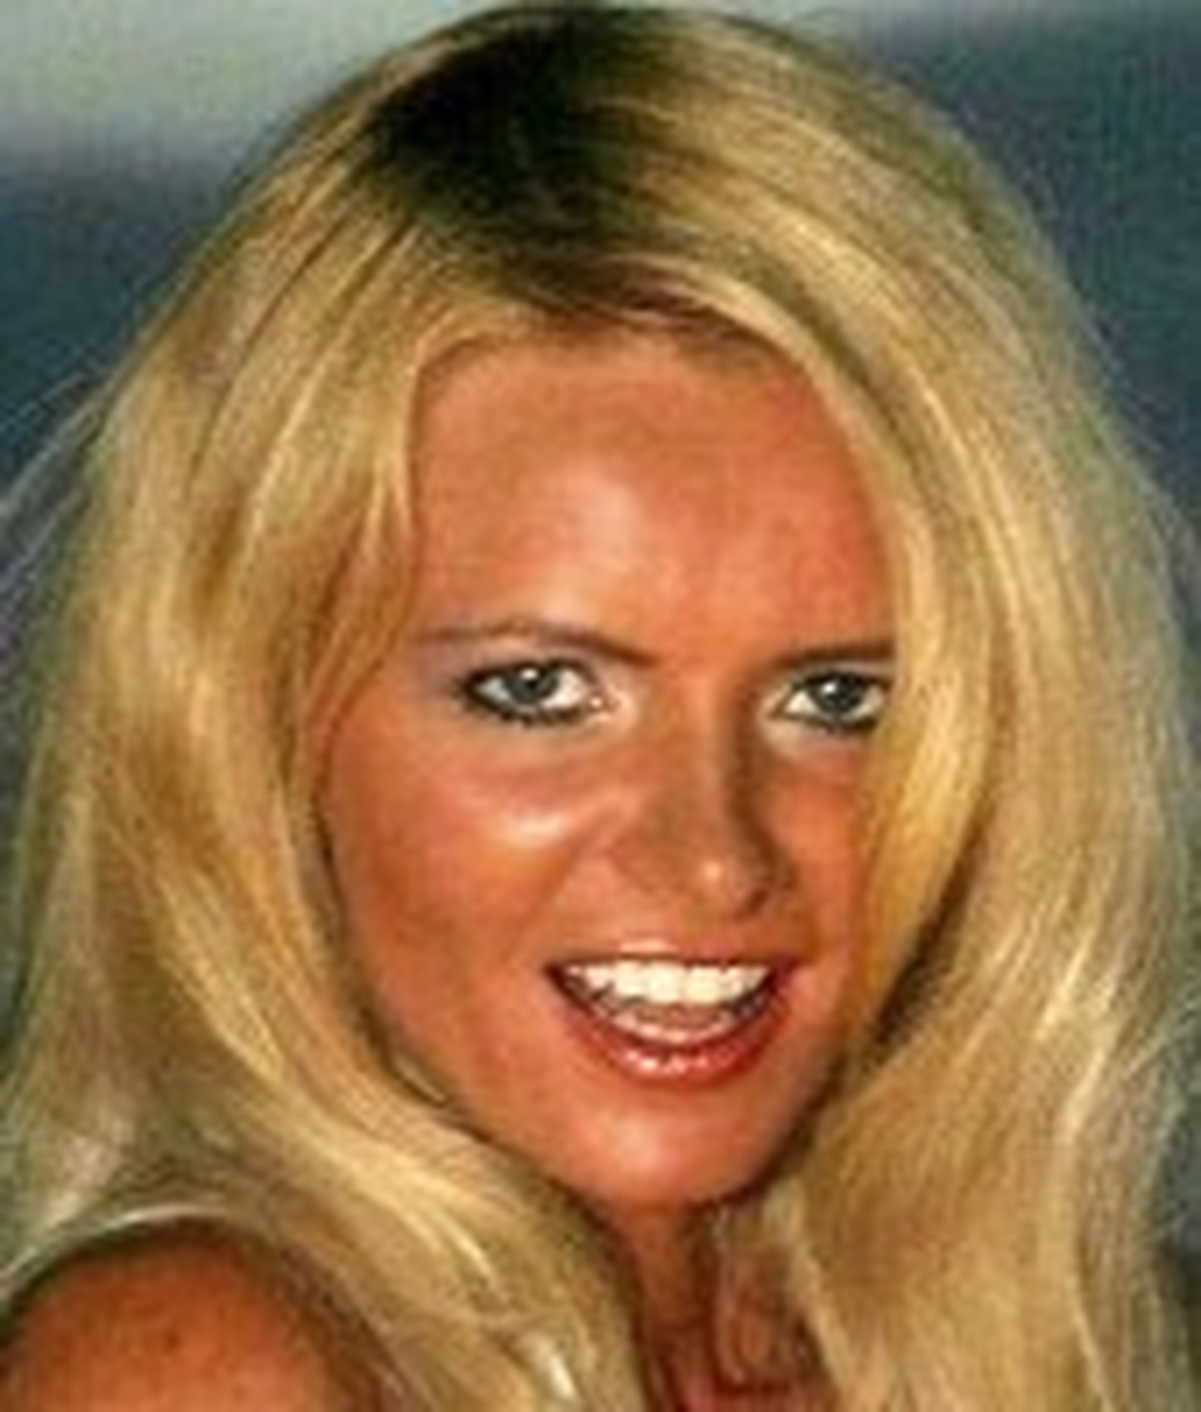 Nicometta Blue Porn nicoletta blue wiki & bio - pornographic actress